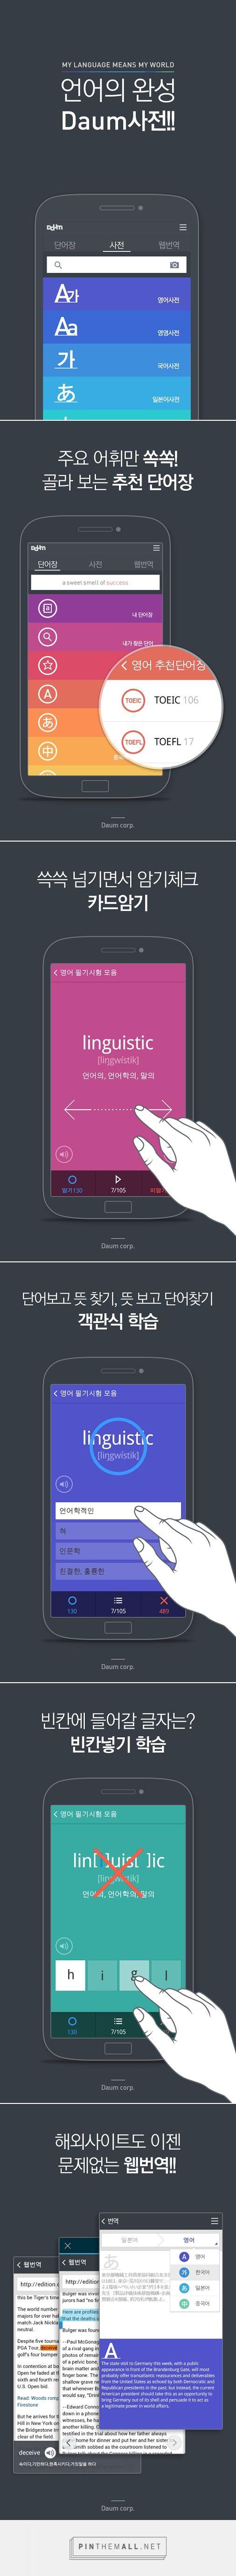 다음 사전 - Daum Dictionary – Applications Android sur GooglePlay - created via https://pinthemall.net